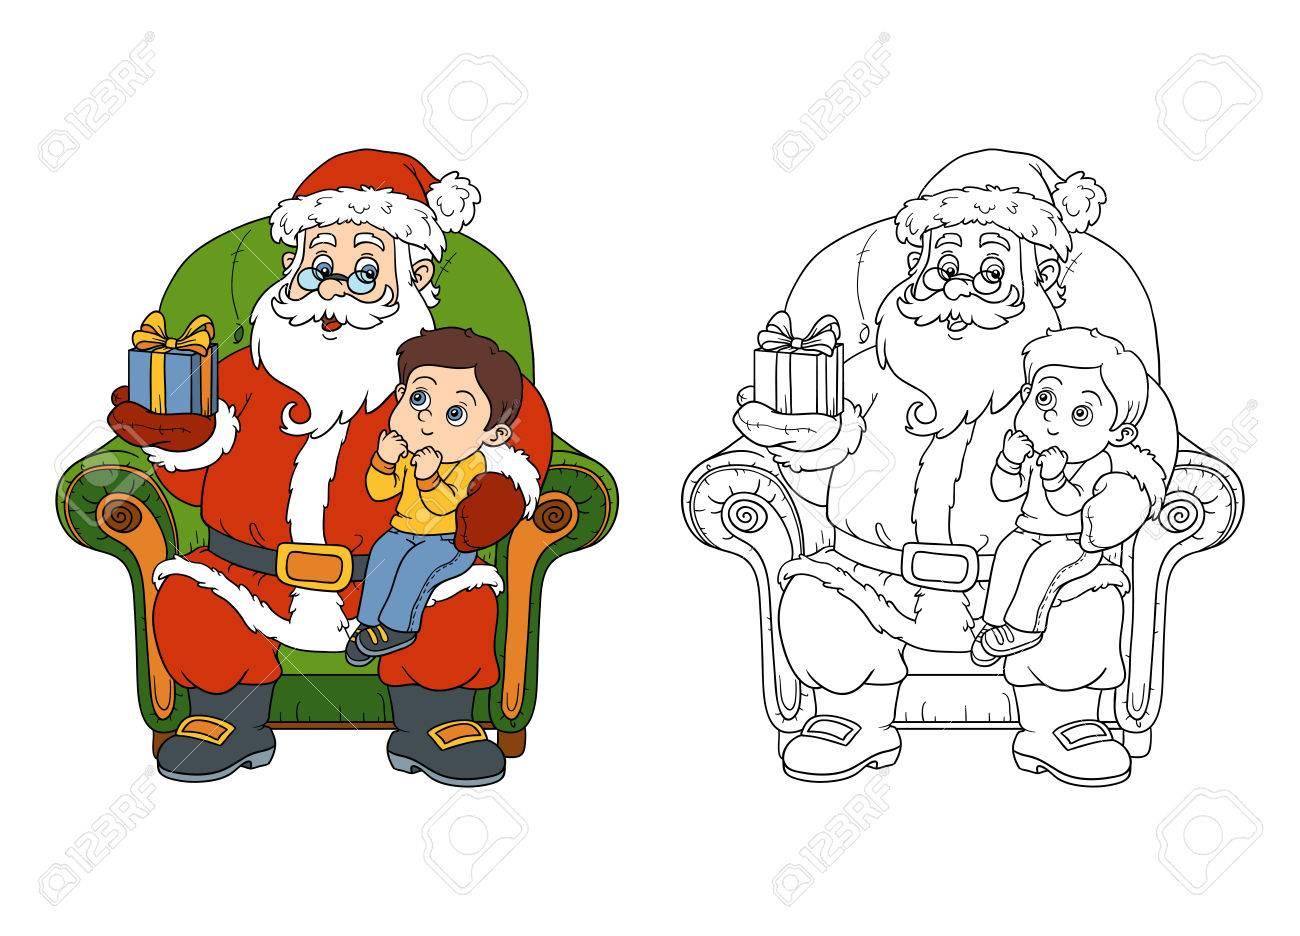 Bambini Babbo Natale Disegno.Vettoriale Libro Da Colorare Giochi Per Bambini Babbo Natale Da Un Regalo Un Bambino Image 47453725